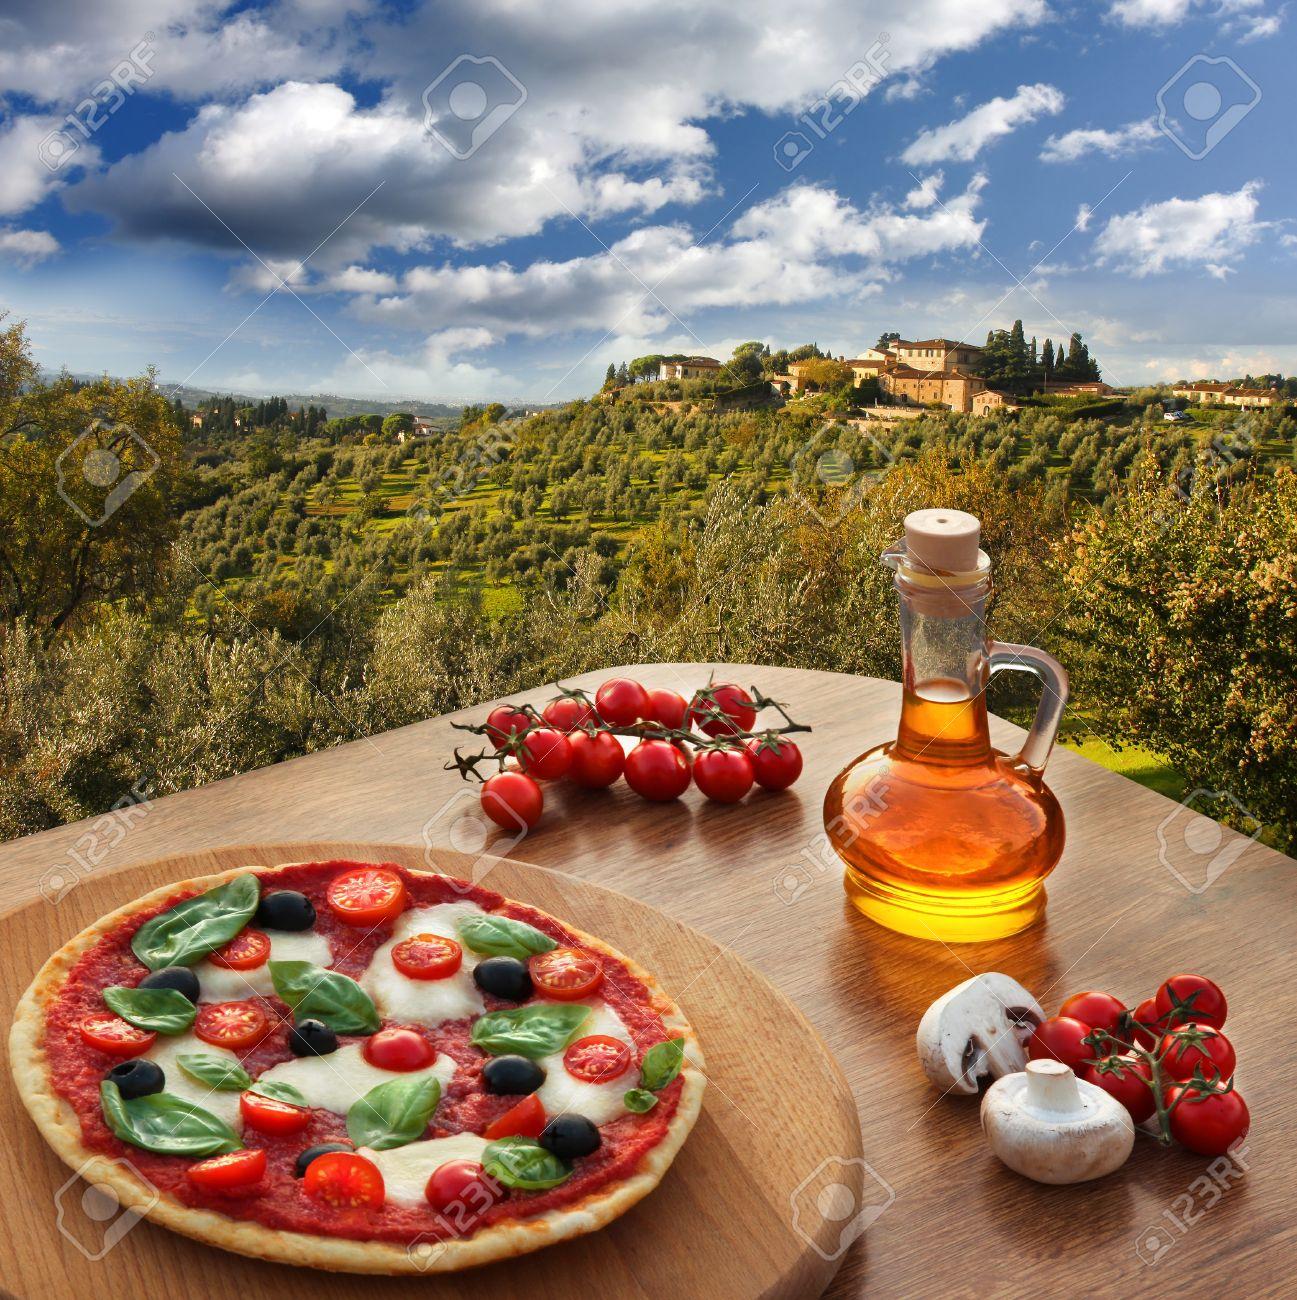 Italian pizza in Chianti, famous vineyard landscape in Italy - 21483125